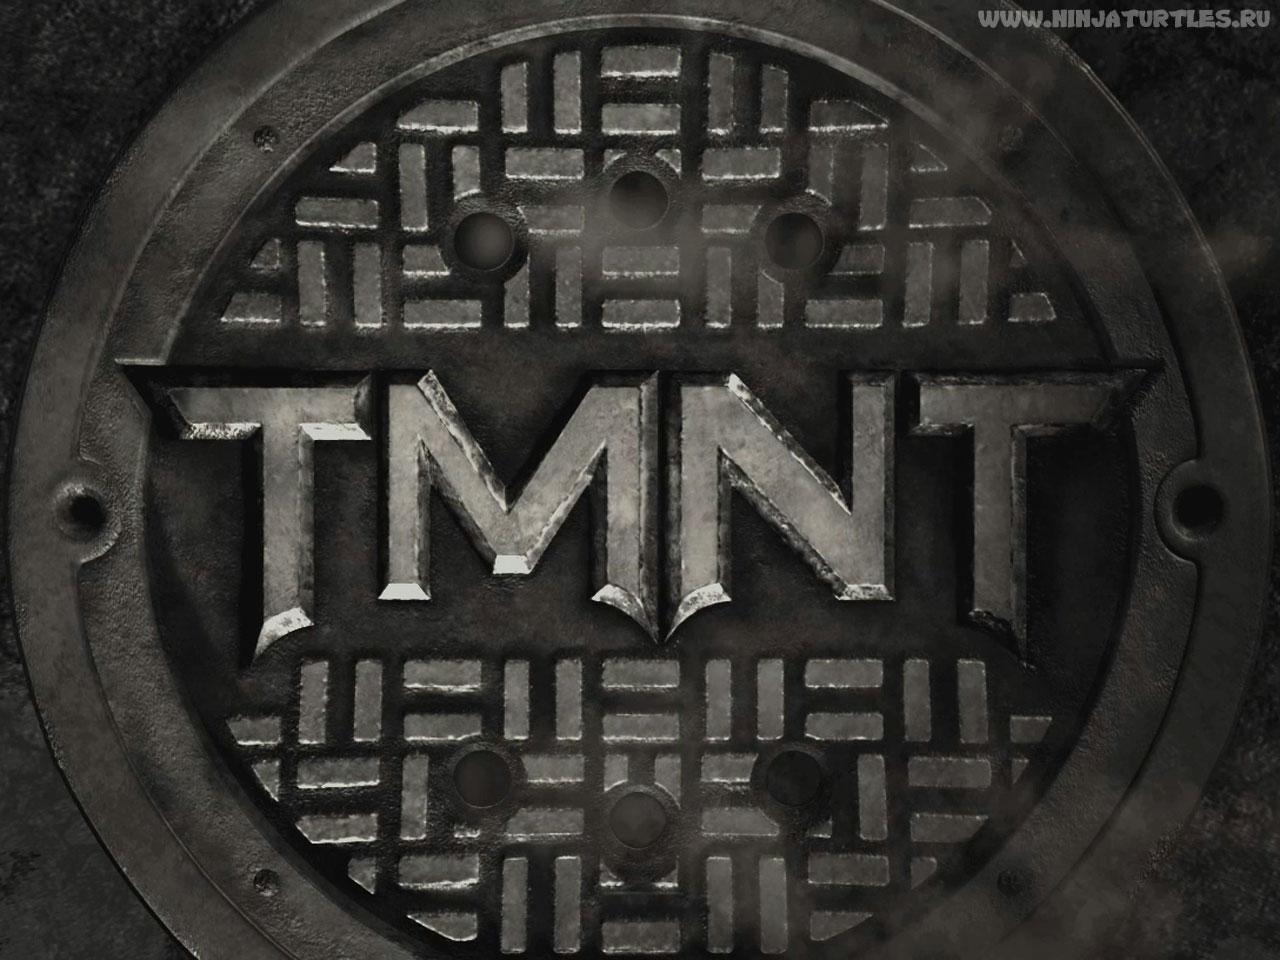 TMNT 2007 wallpaper (3)